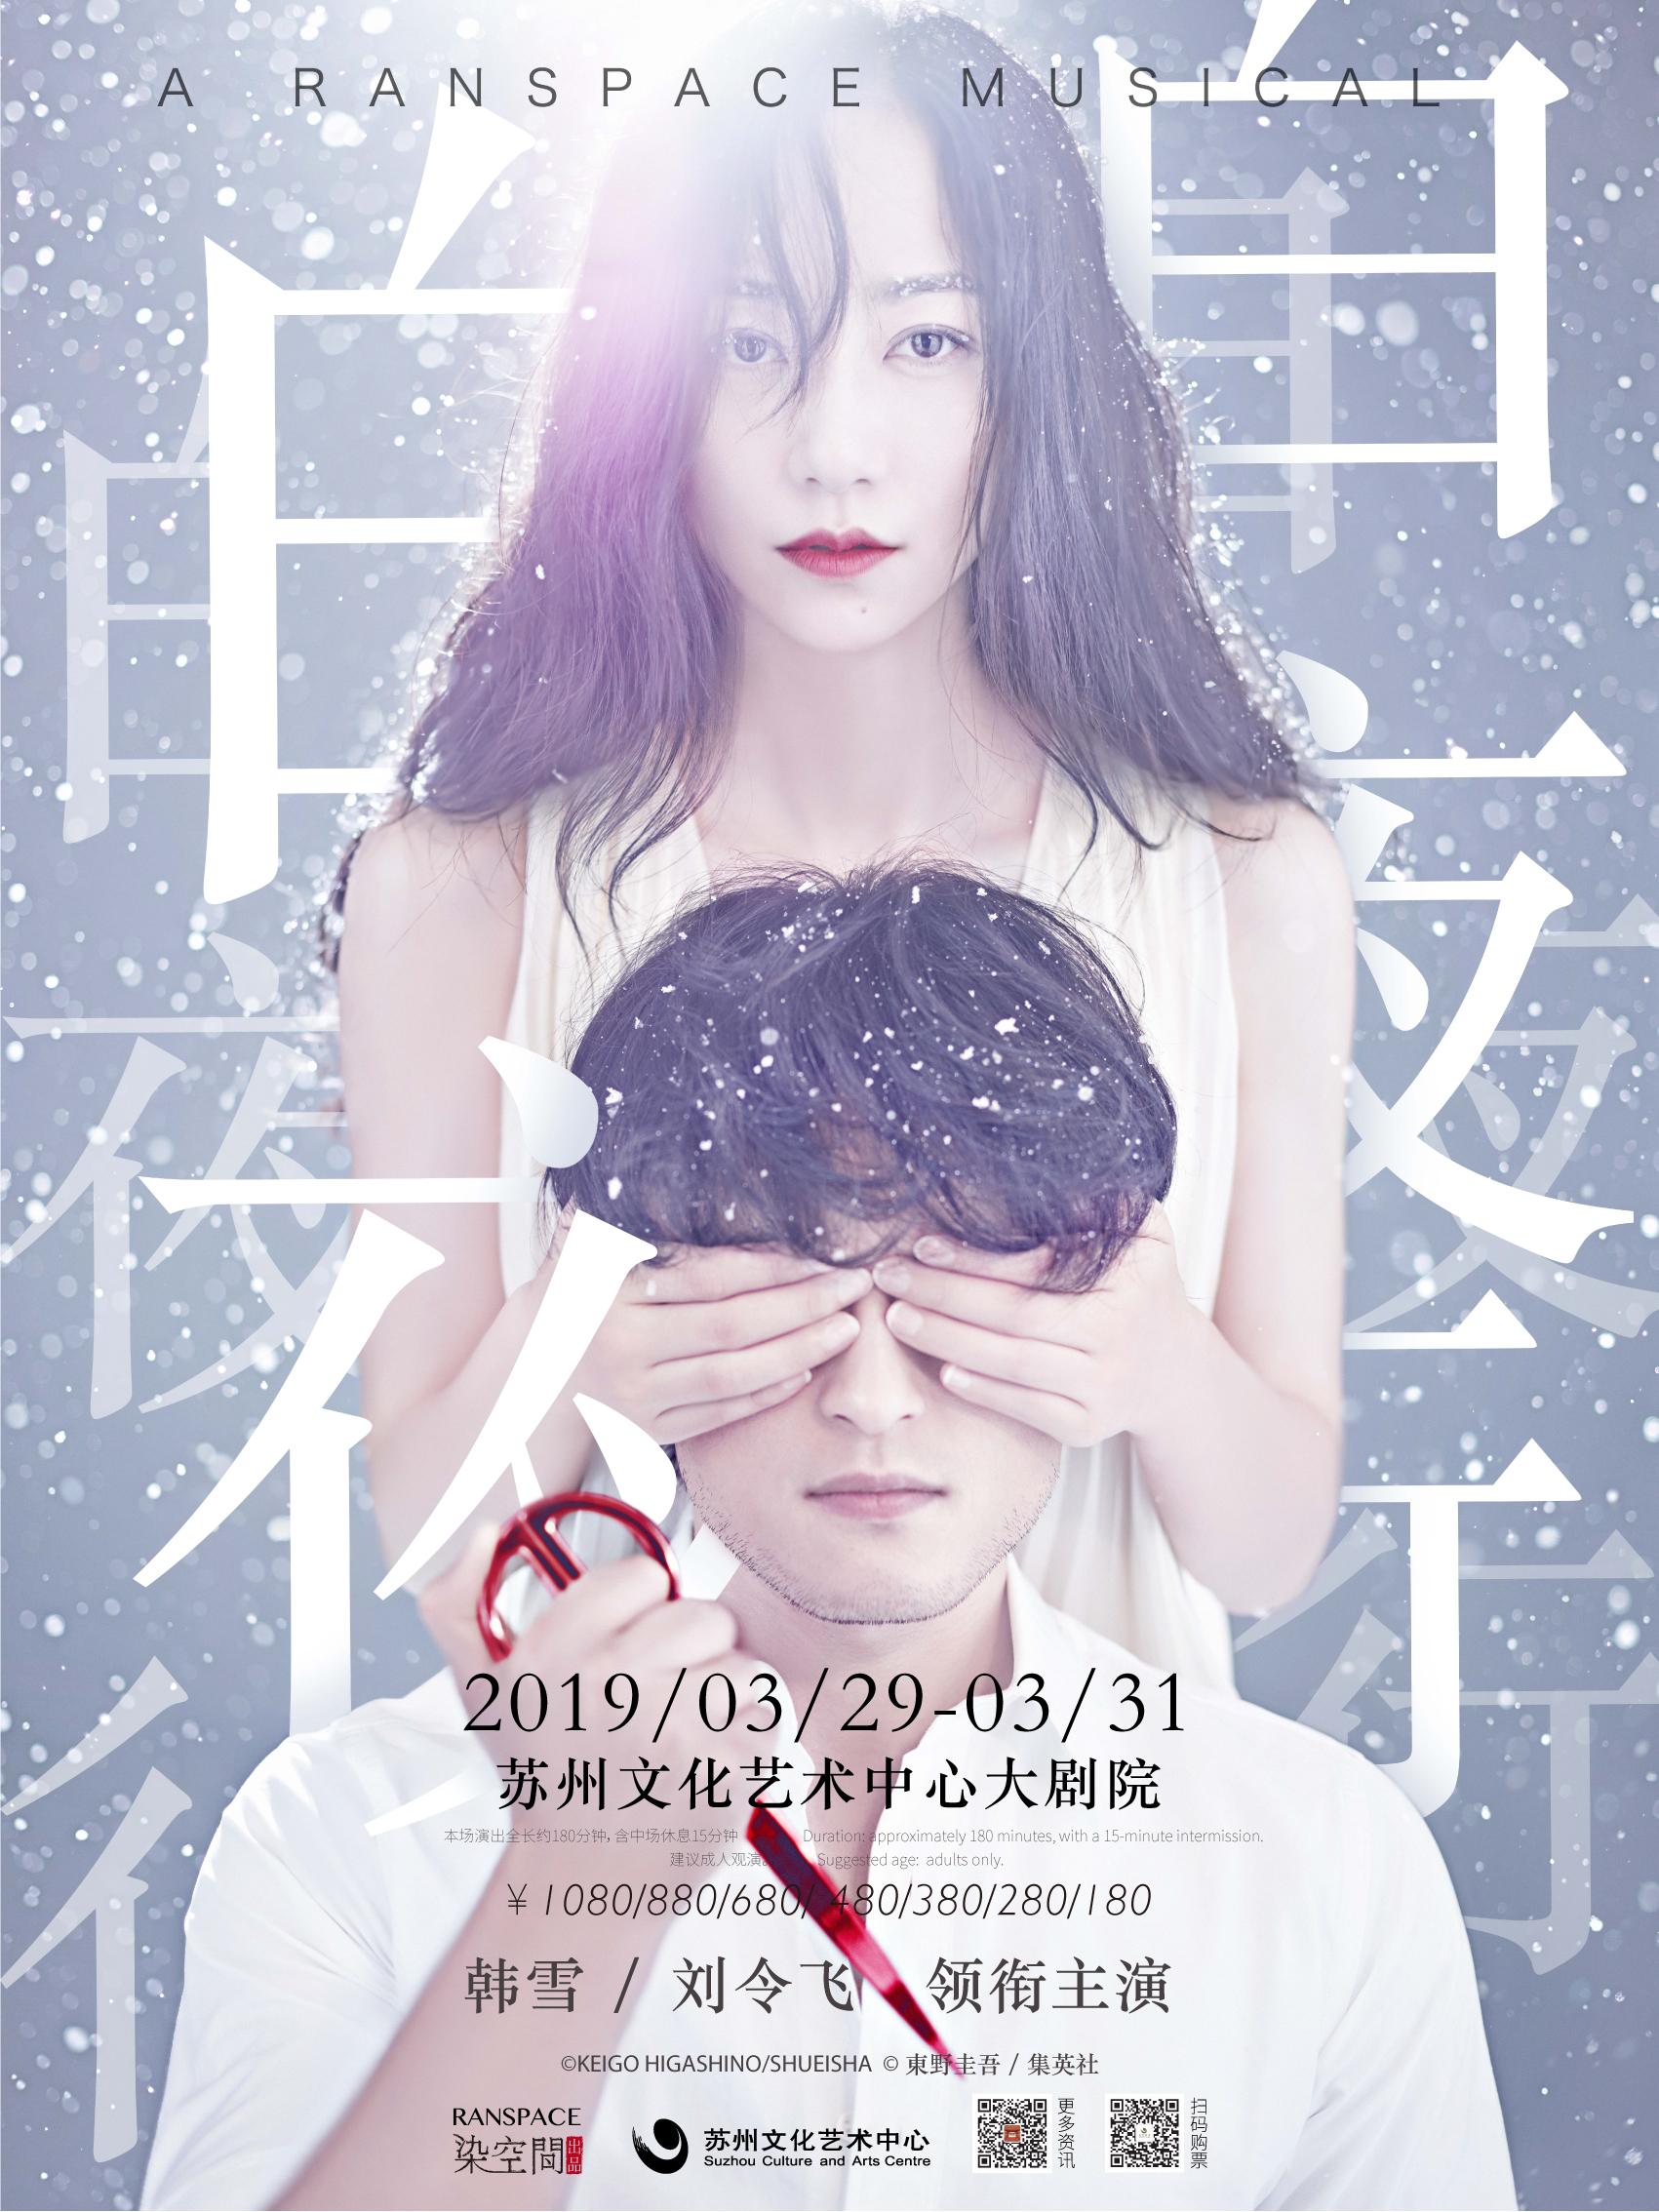 韩雪、刘令飞领衔主演音乐剧《白夜行》